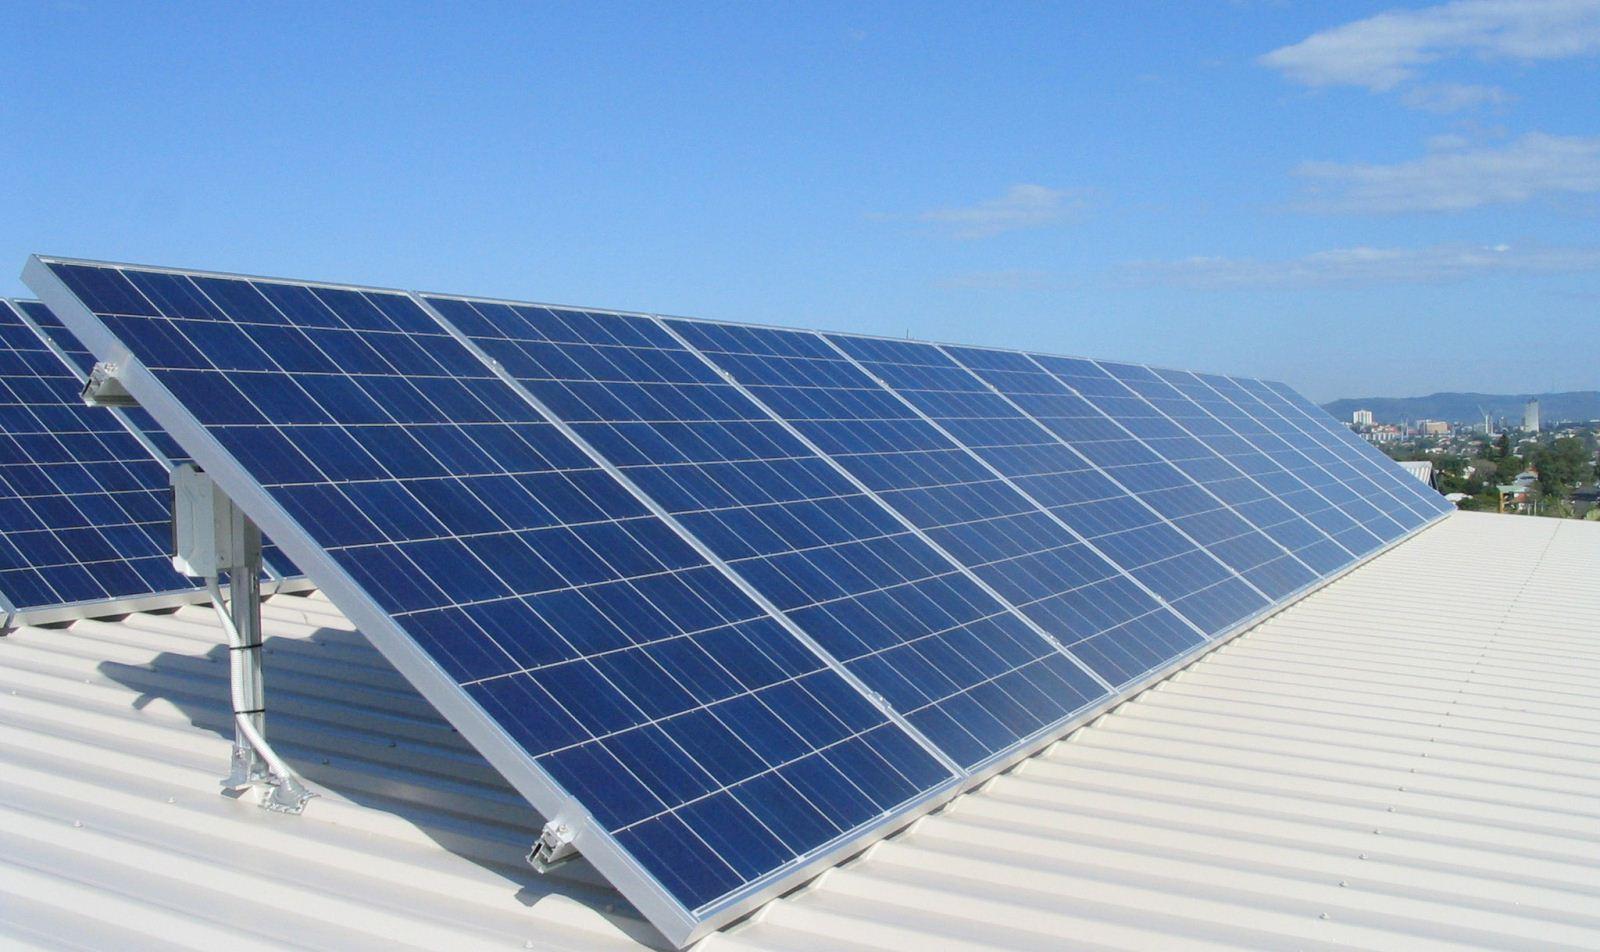 【电缆网讯】我们都知道,火力发电是运用最广泛的发电技术,其造价低廉方便,受限制少。然而火力发电对于能源和环境方面都有着很深的负面影响。太阳能是近年来公认的零损耗、零排放的发电技术,却因造价昂贵导致许多投资方想要环保却望而却步。针对这一问题,科学家想出了一个有趣解决方案——将太阳能集成到现有的火力发电厂中,这是一种充分利用现有电力基础设施的可持续性减排方案。  太阳能就可以通过现有的电网输送基载电力,是一种可靠的可再生能源技术。然而太阳热能发电需要大规模的安装量和数万兆瓦的发电能力,